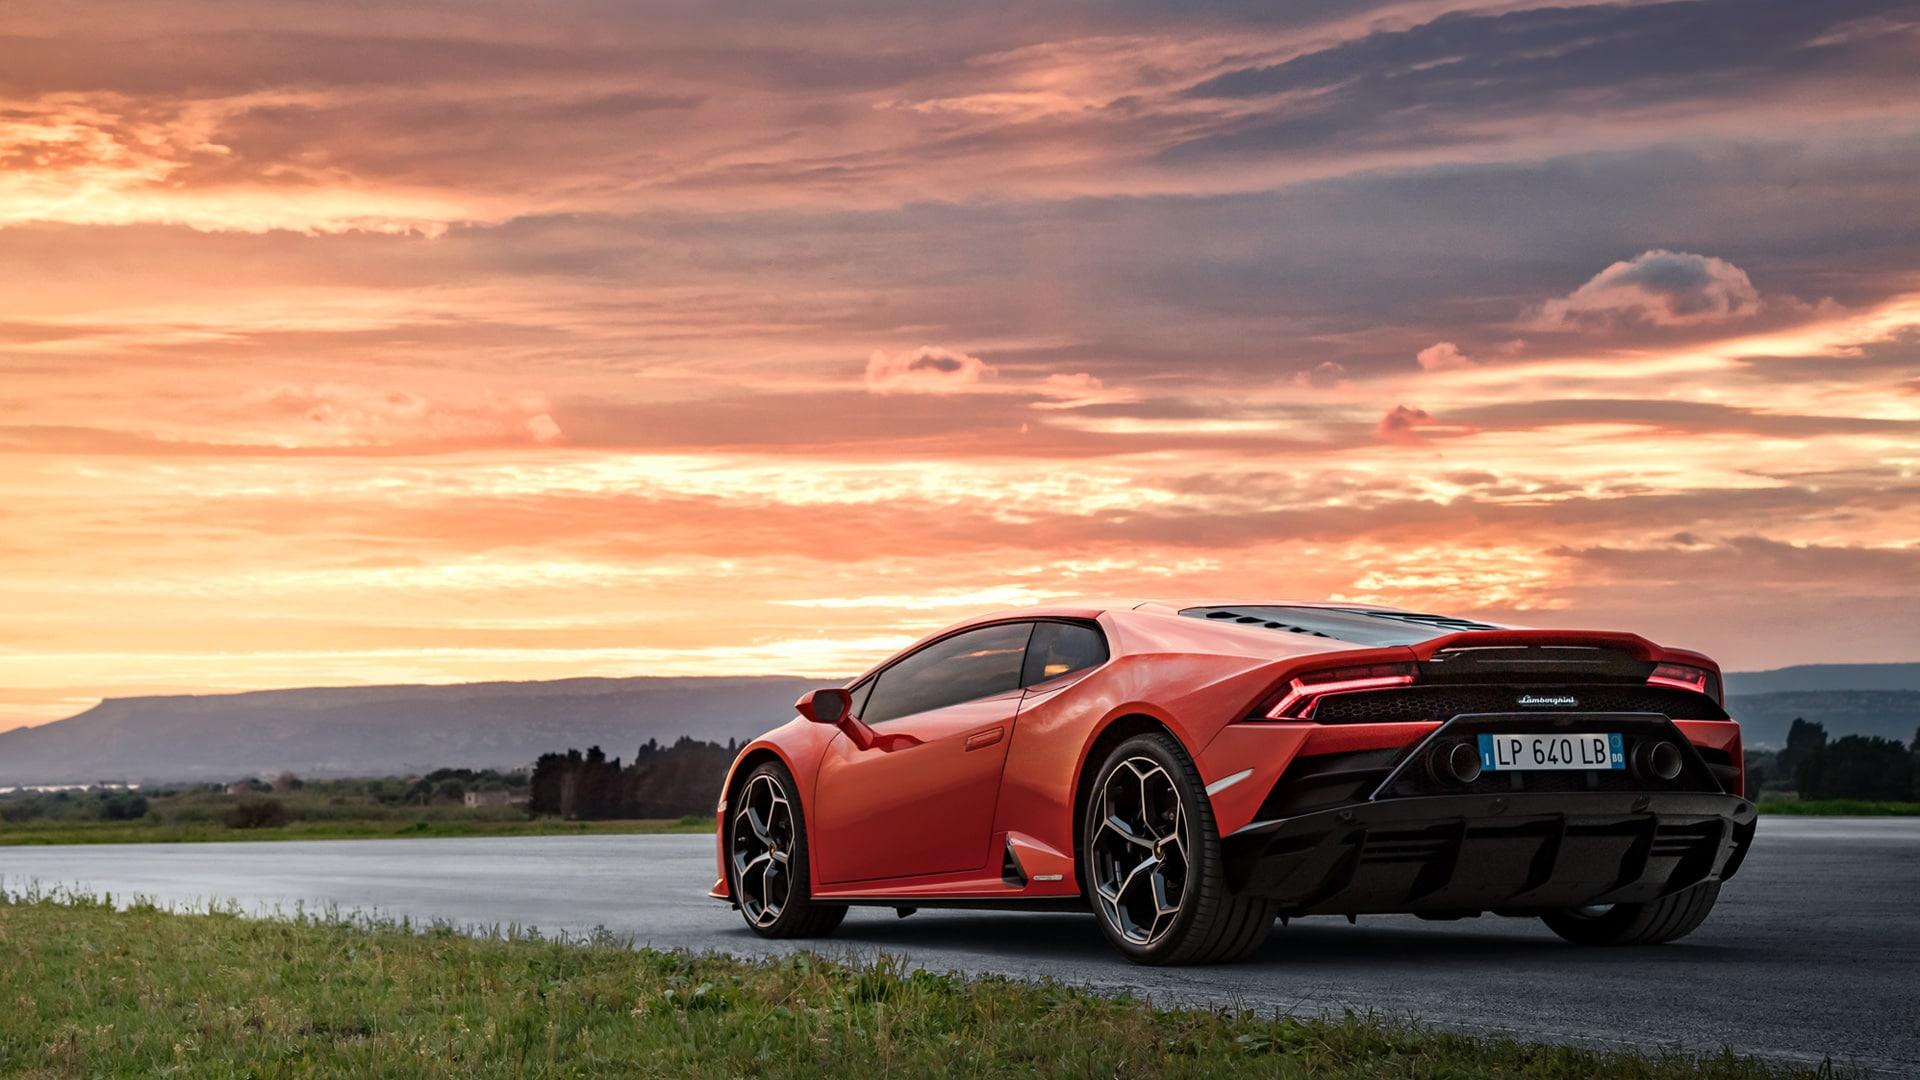 Lamborghini Huracan Evo Suguhkan Sistem Aerodinamis Terbaru